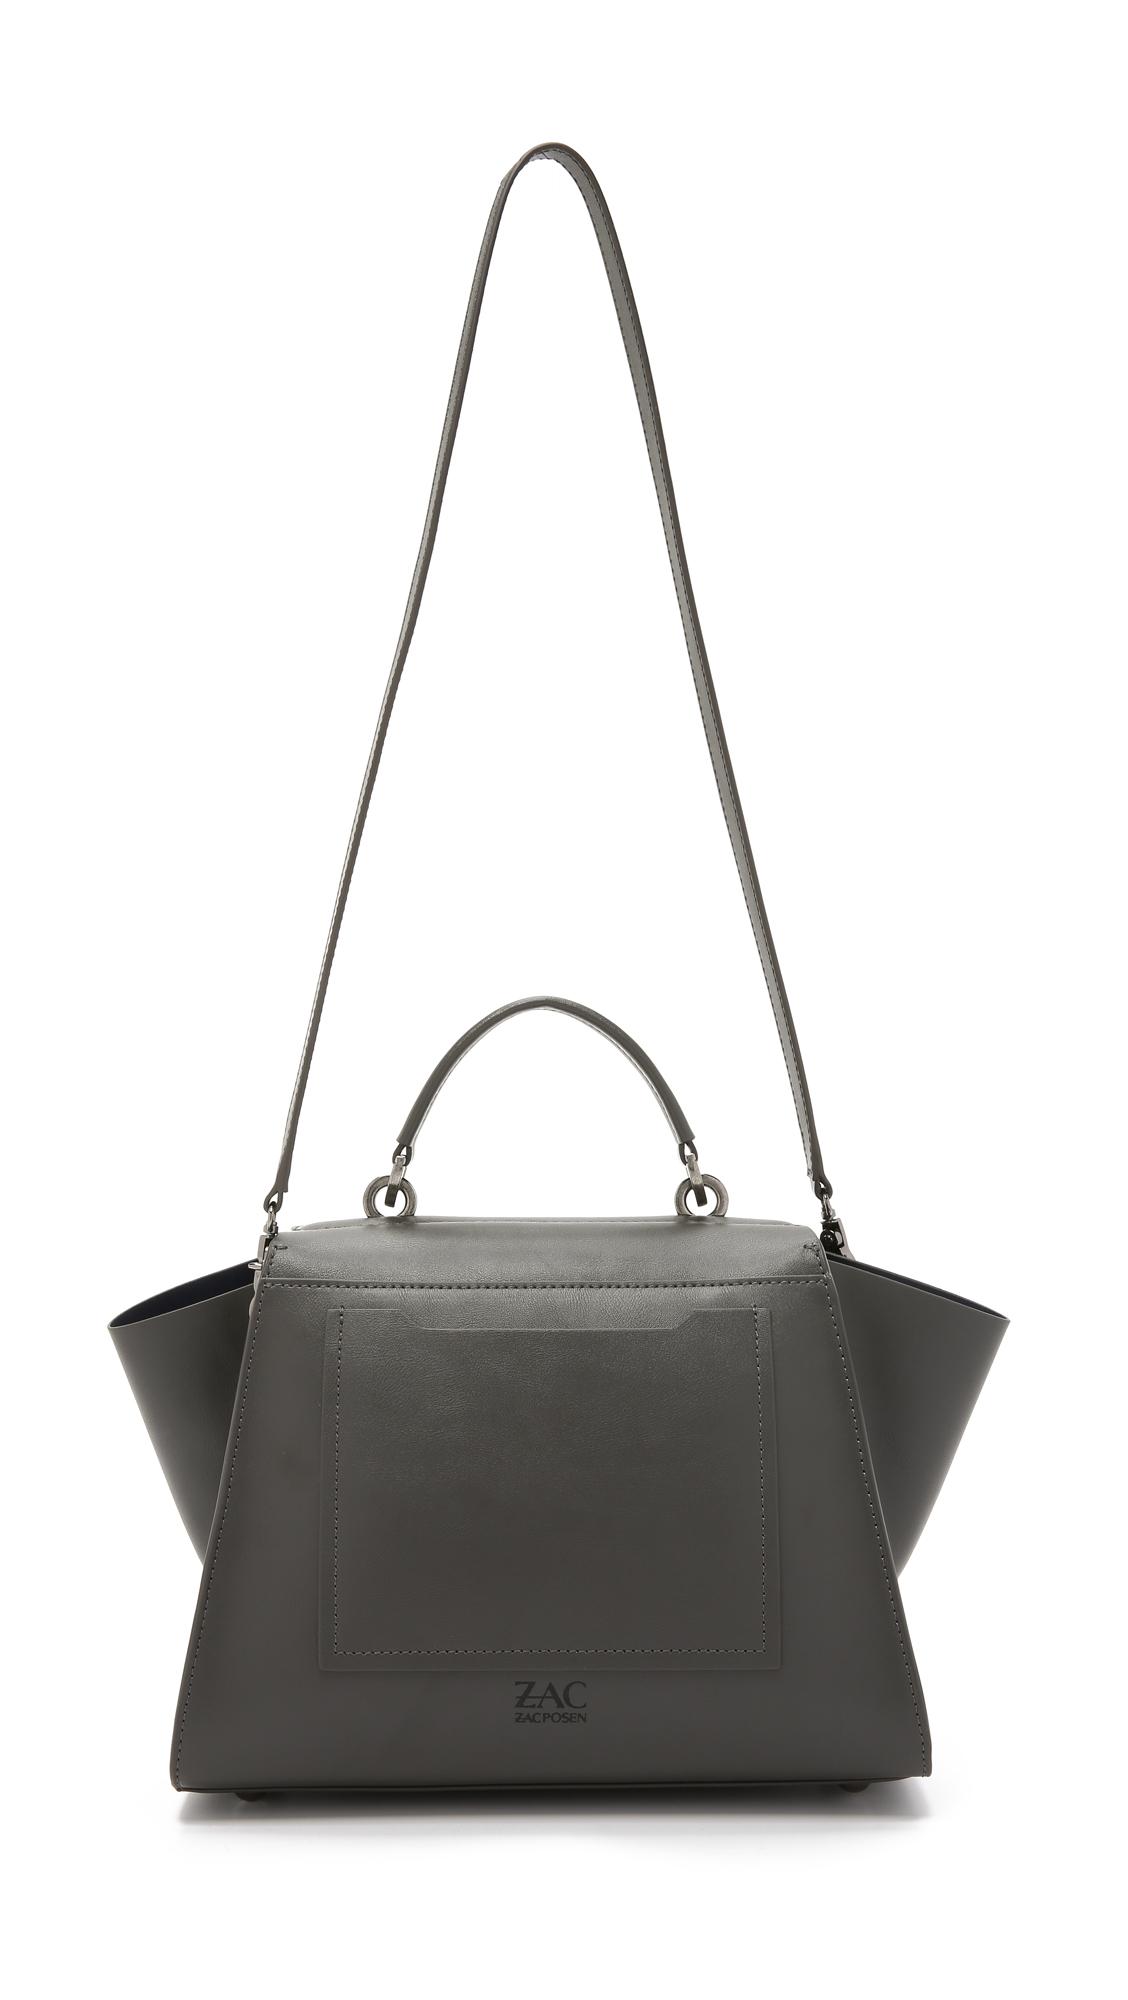 Zac Zac Posen Eartha Iconic Soft Top Handle Bag Charcoal